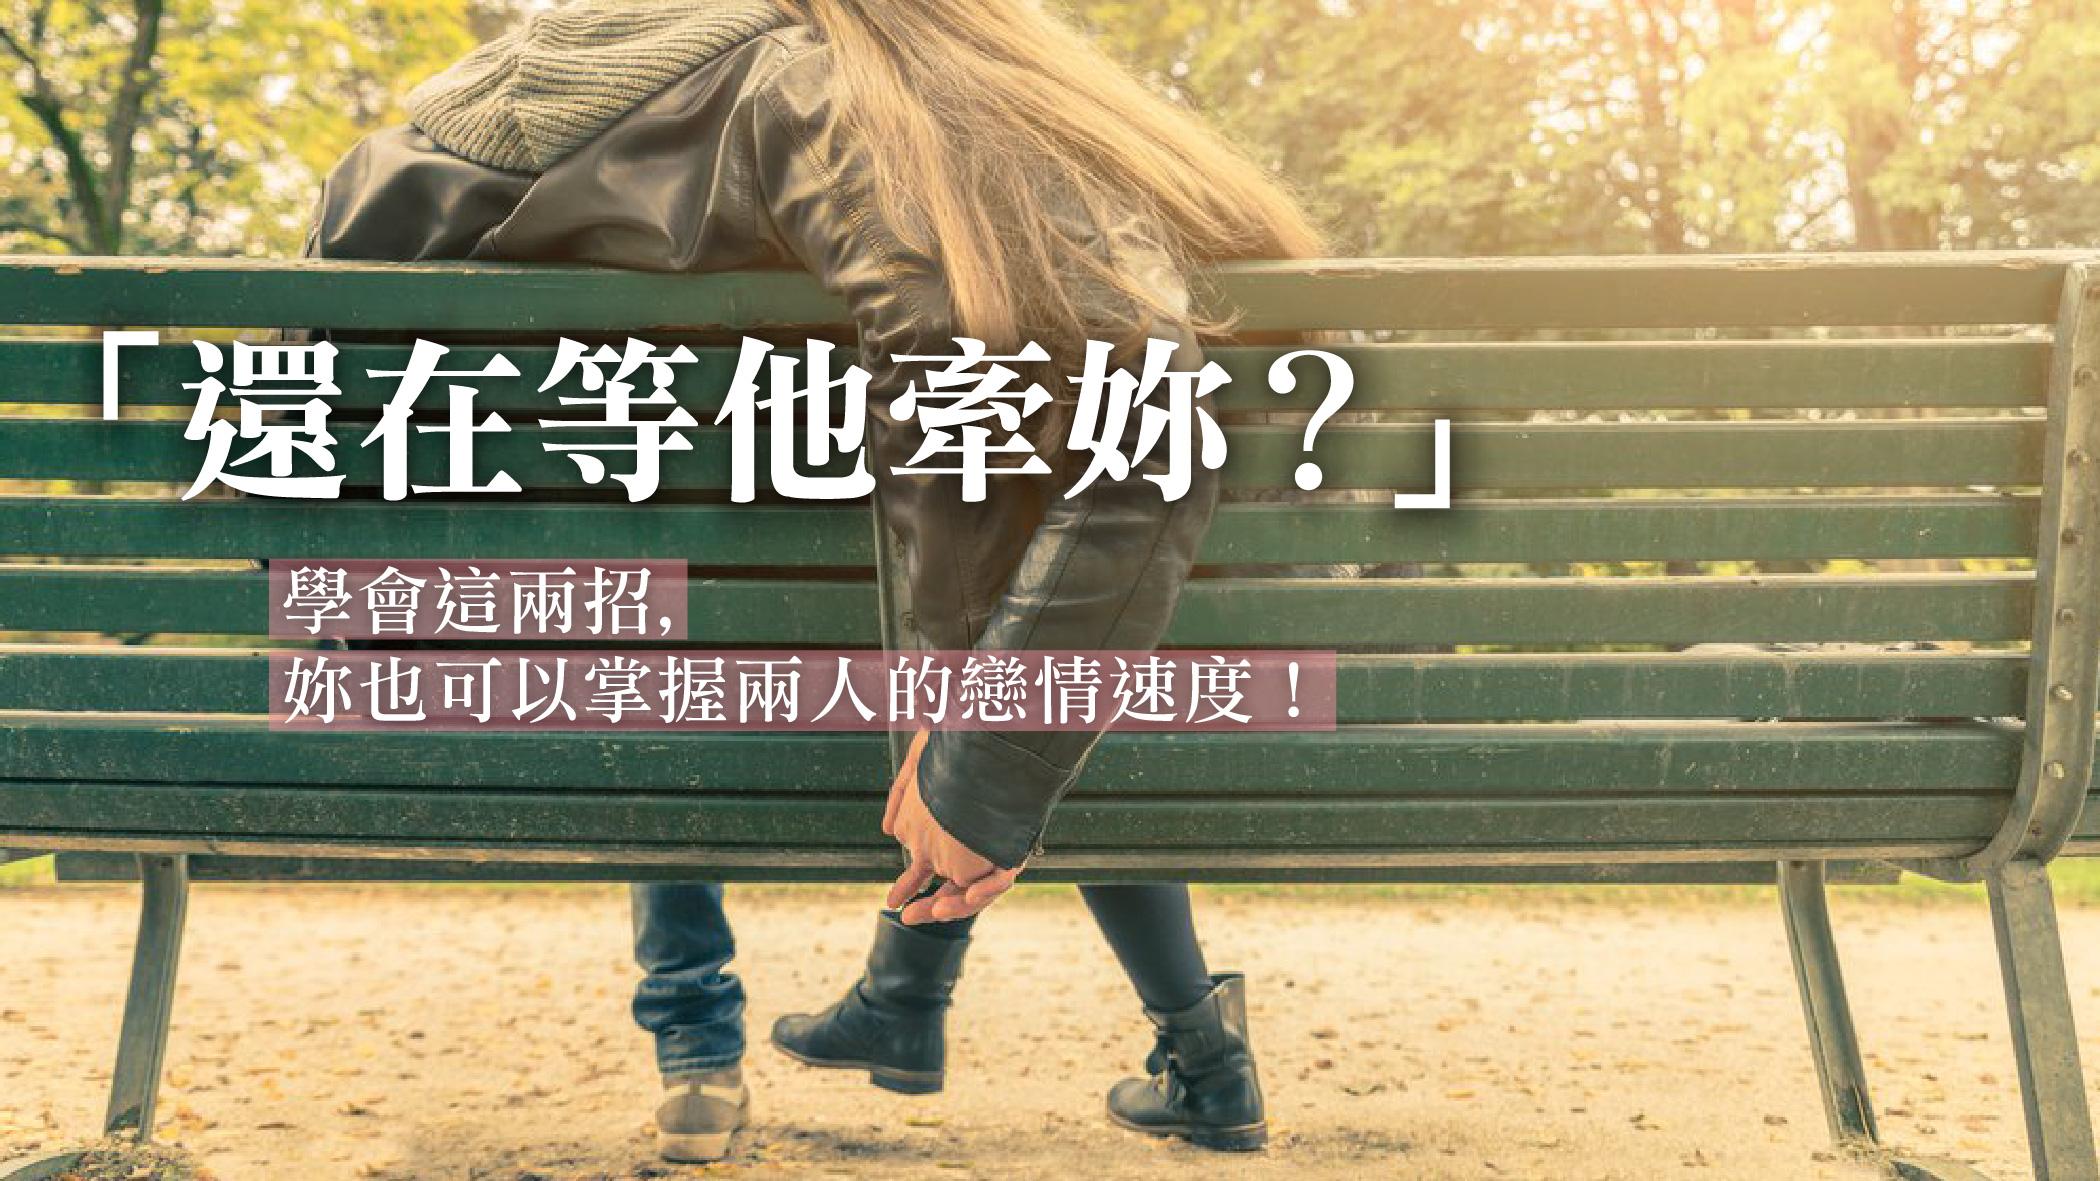 256.『還在等他牽妳?』學會這兩招,妳也可以掌握兩人的戀情速度!